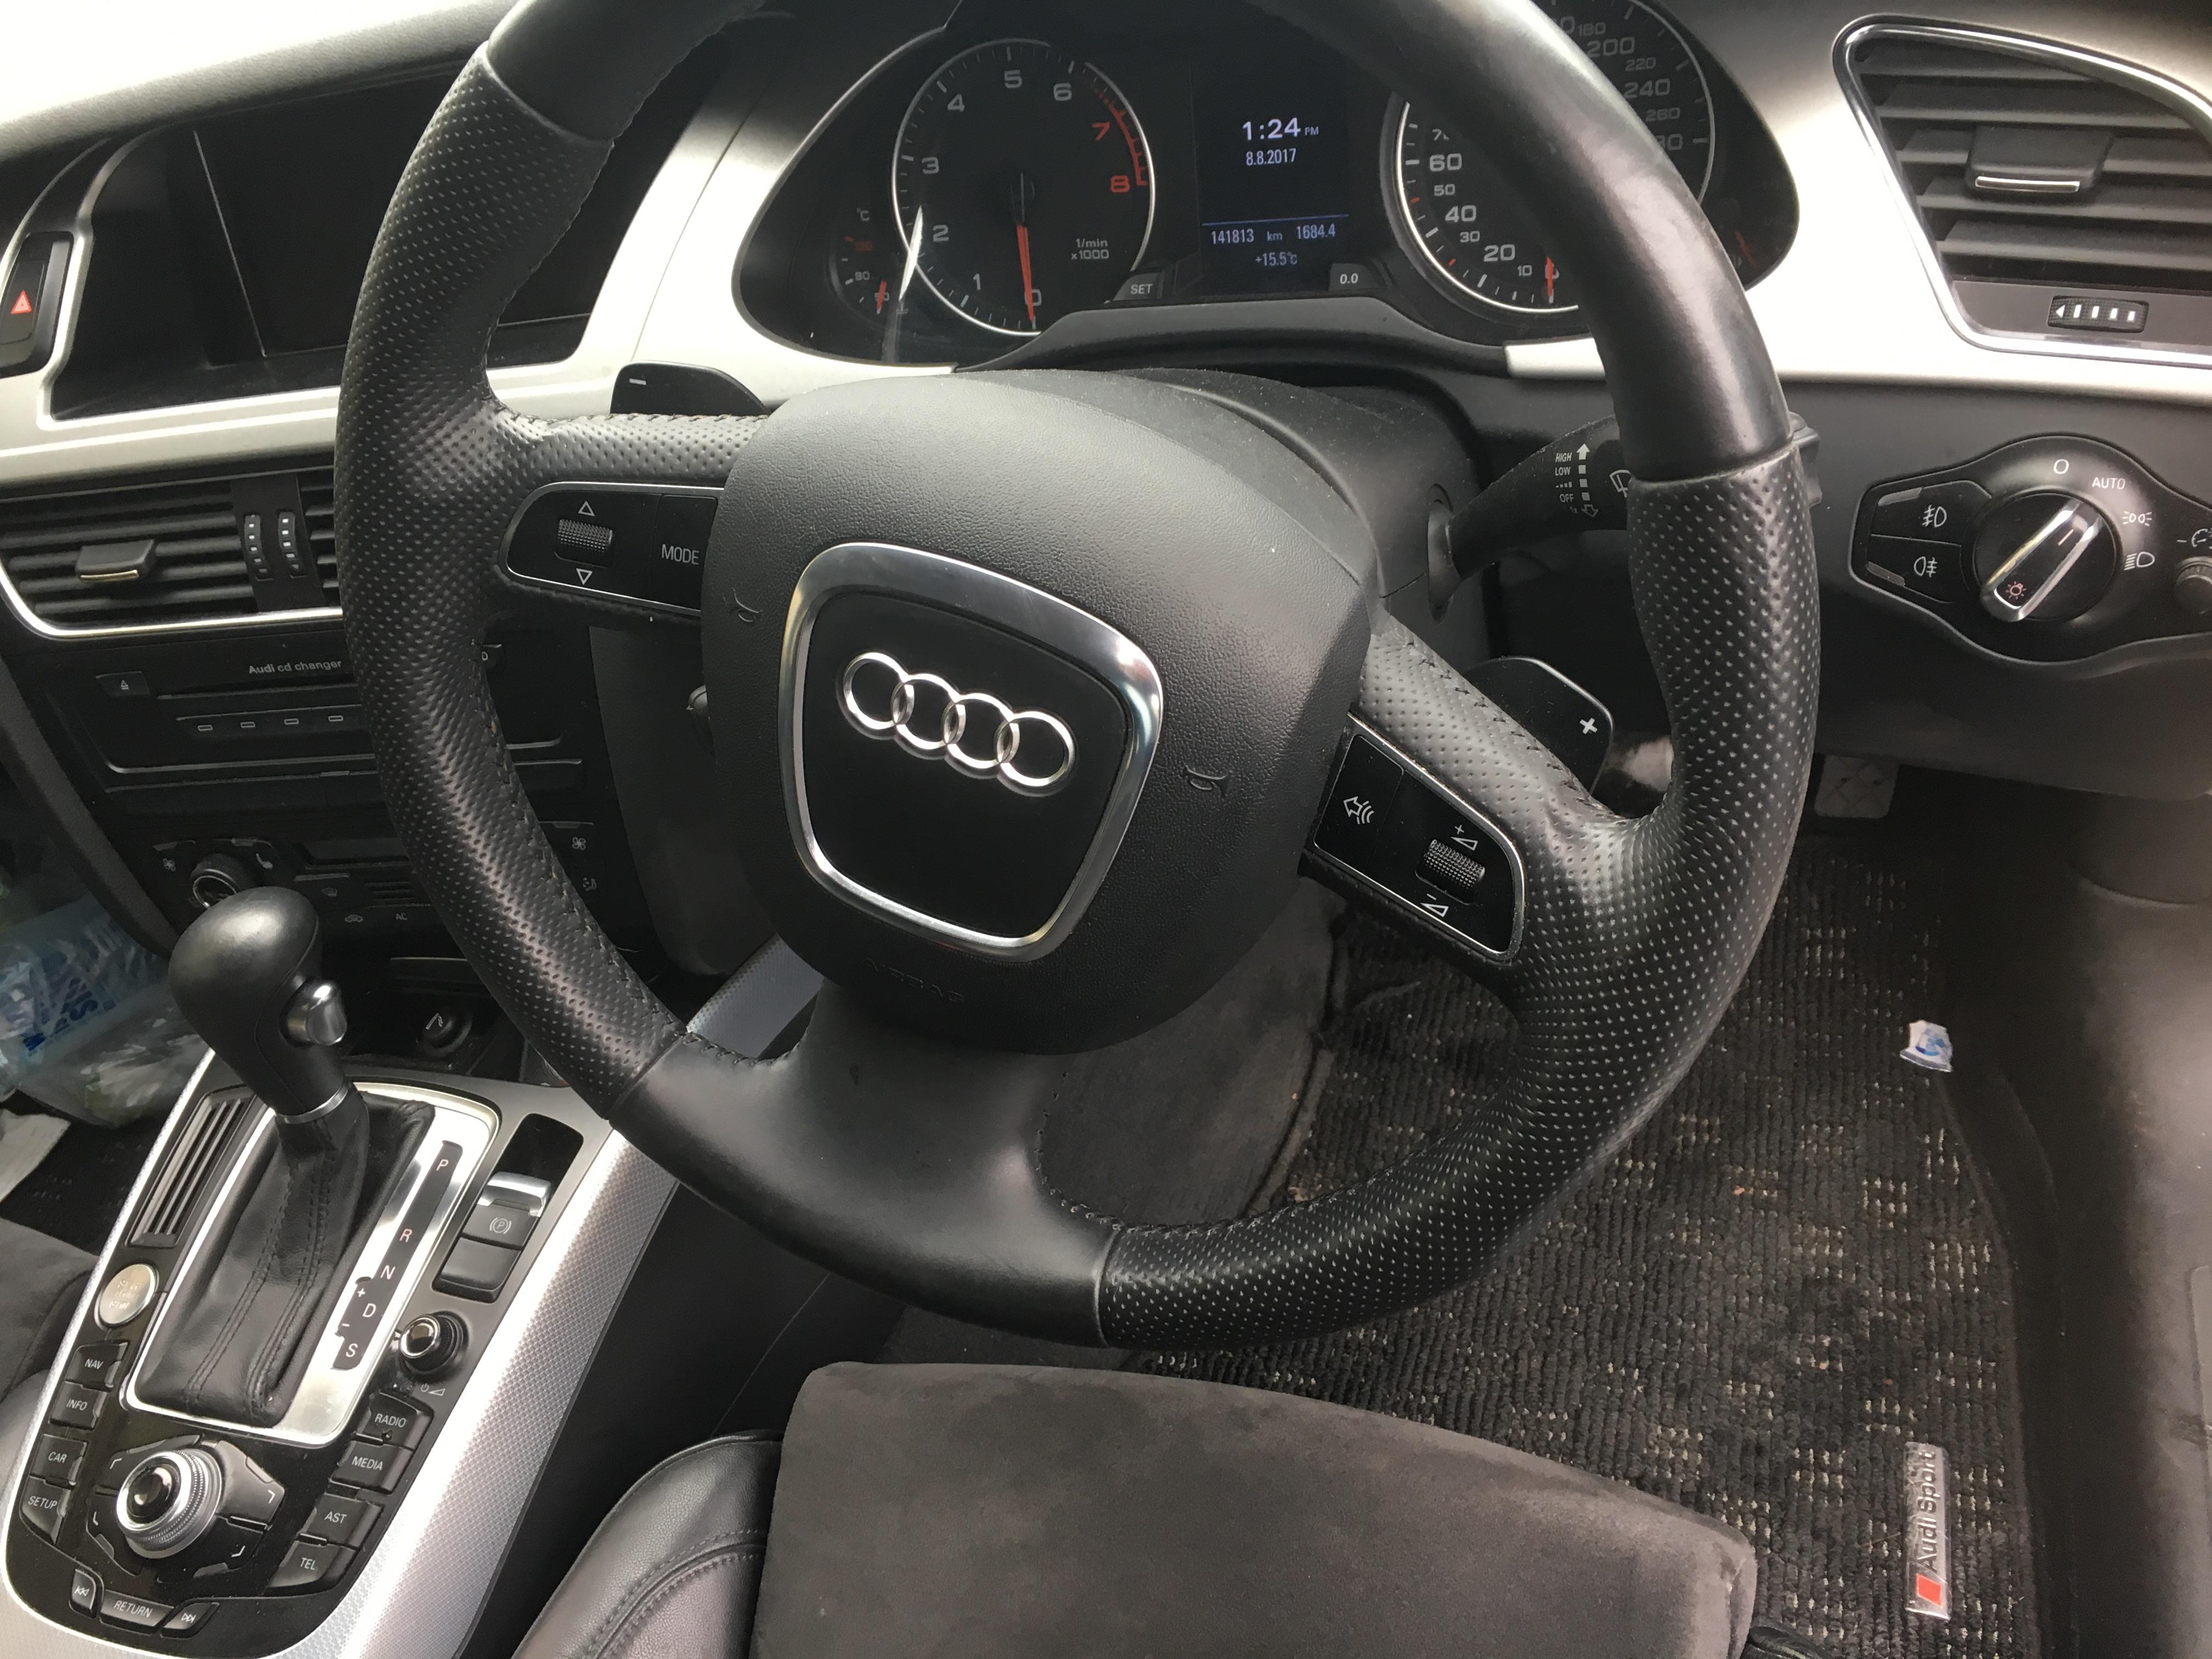 Audi A4 2008 3.2 Sedan